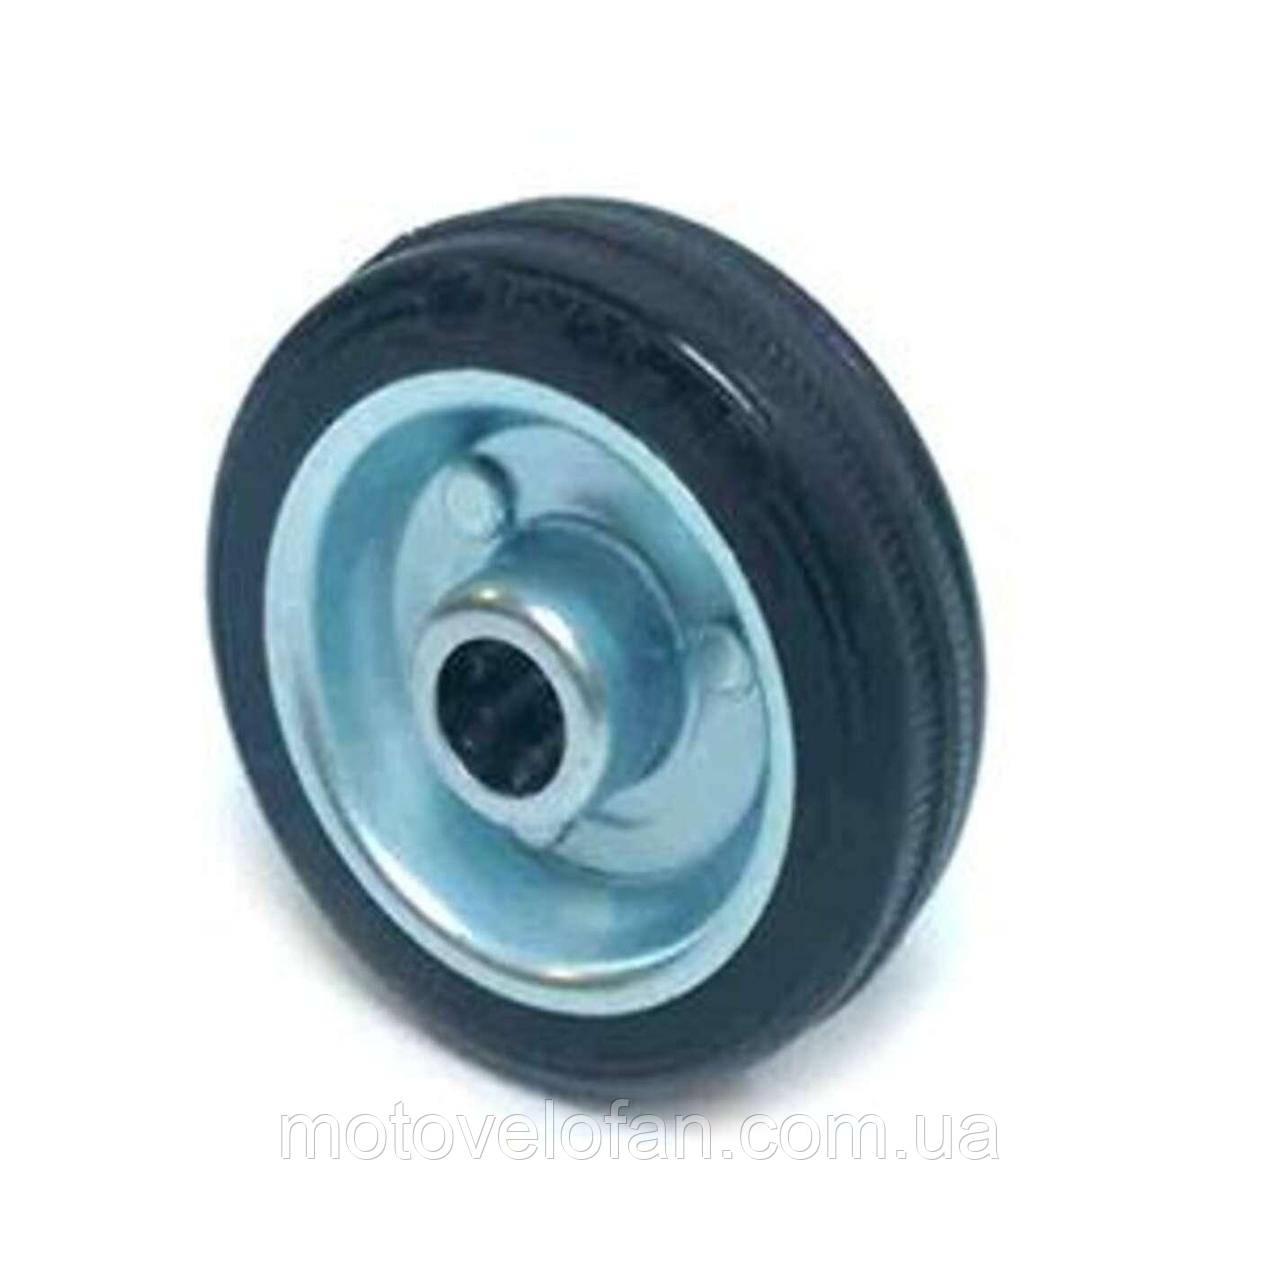 Колесо для тачек и платформ (литая резина)   (50mm, ступица 40mm, под ось 6mm)   ELIT